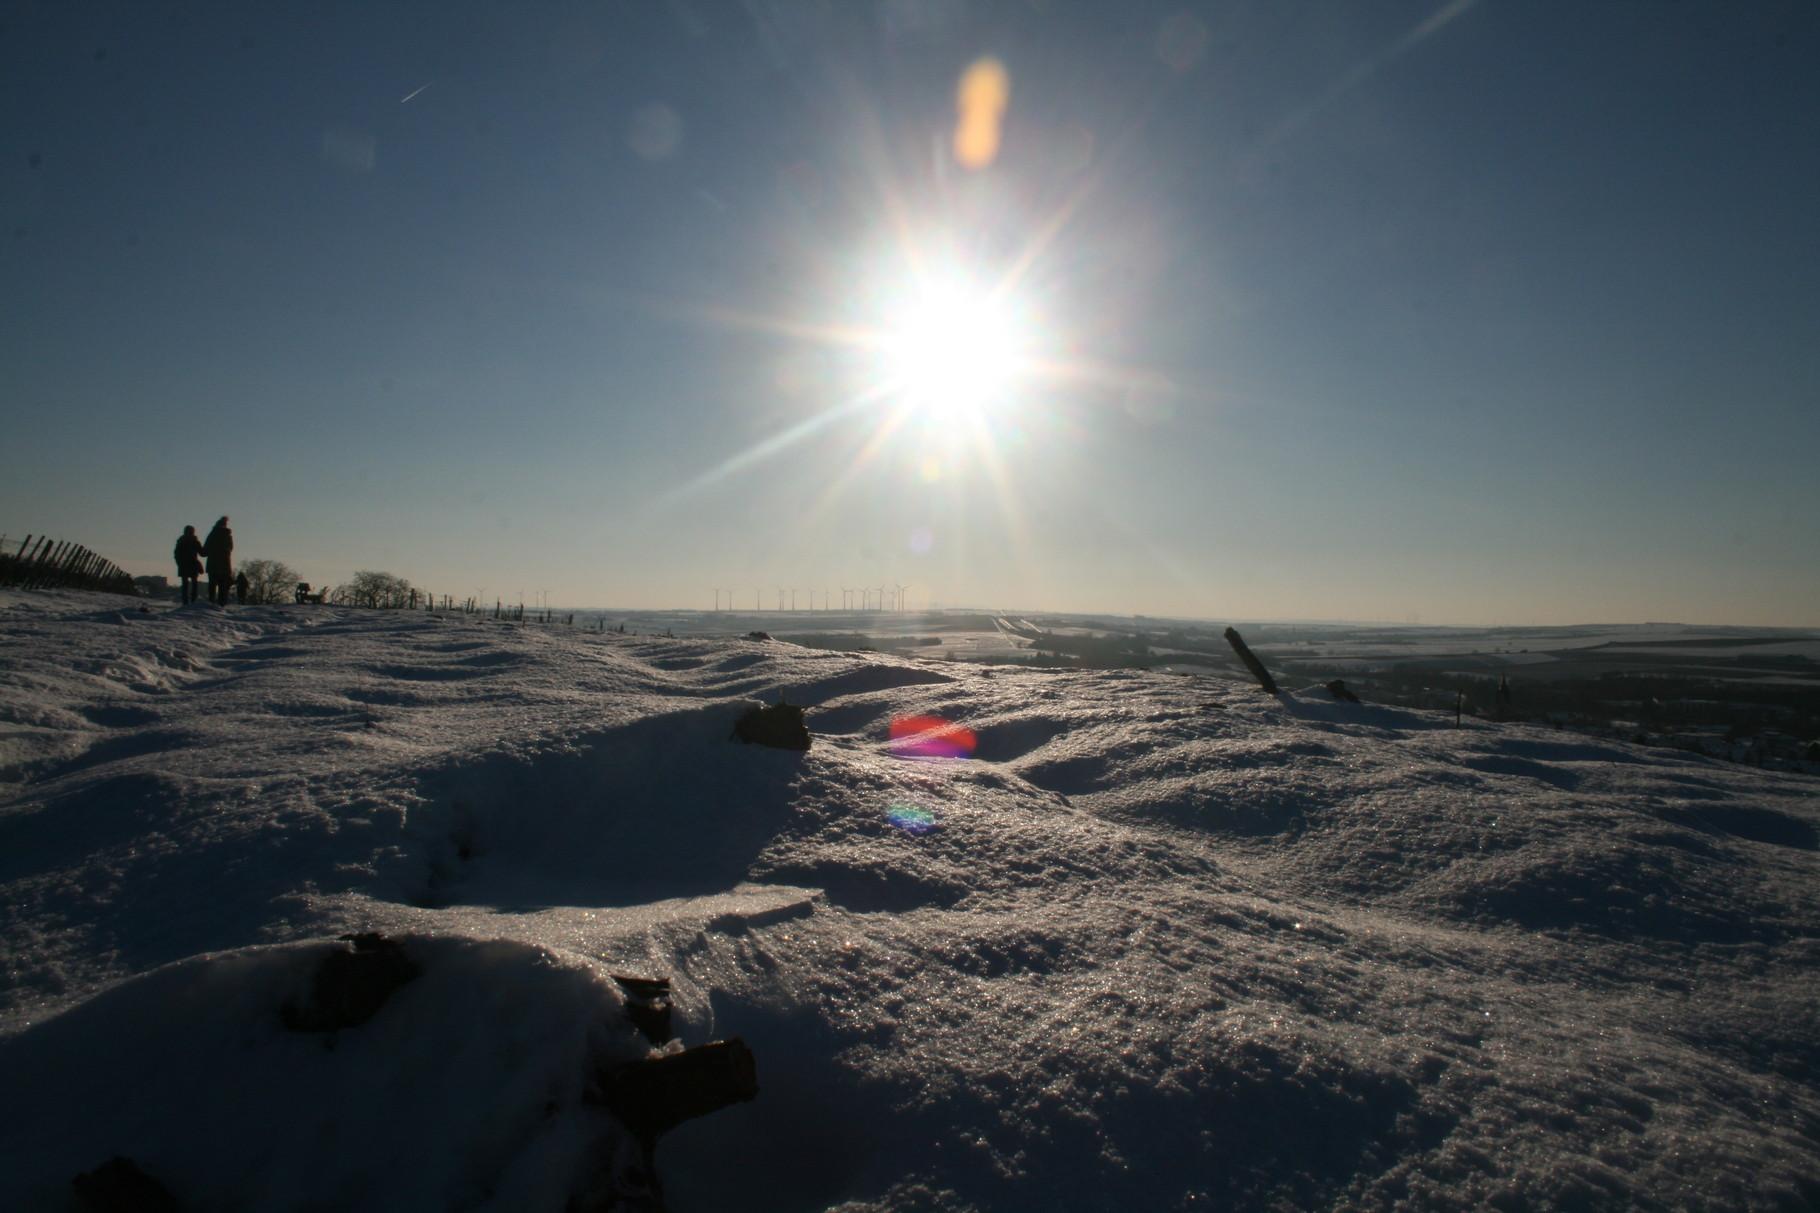 Und es gibt sie doch noch: Die Sonne! Gefunden beim Winterspaziergang.